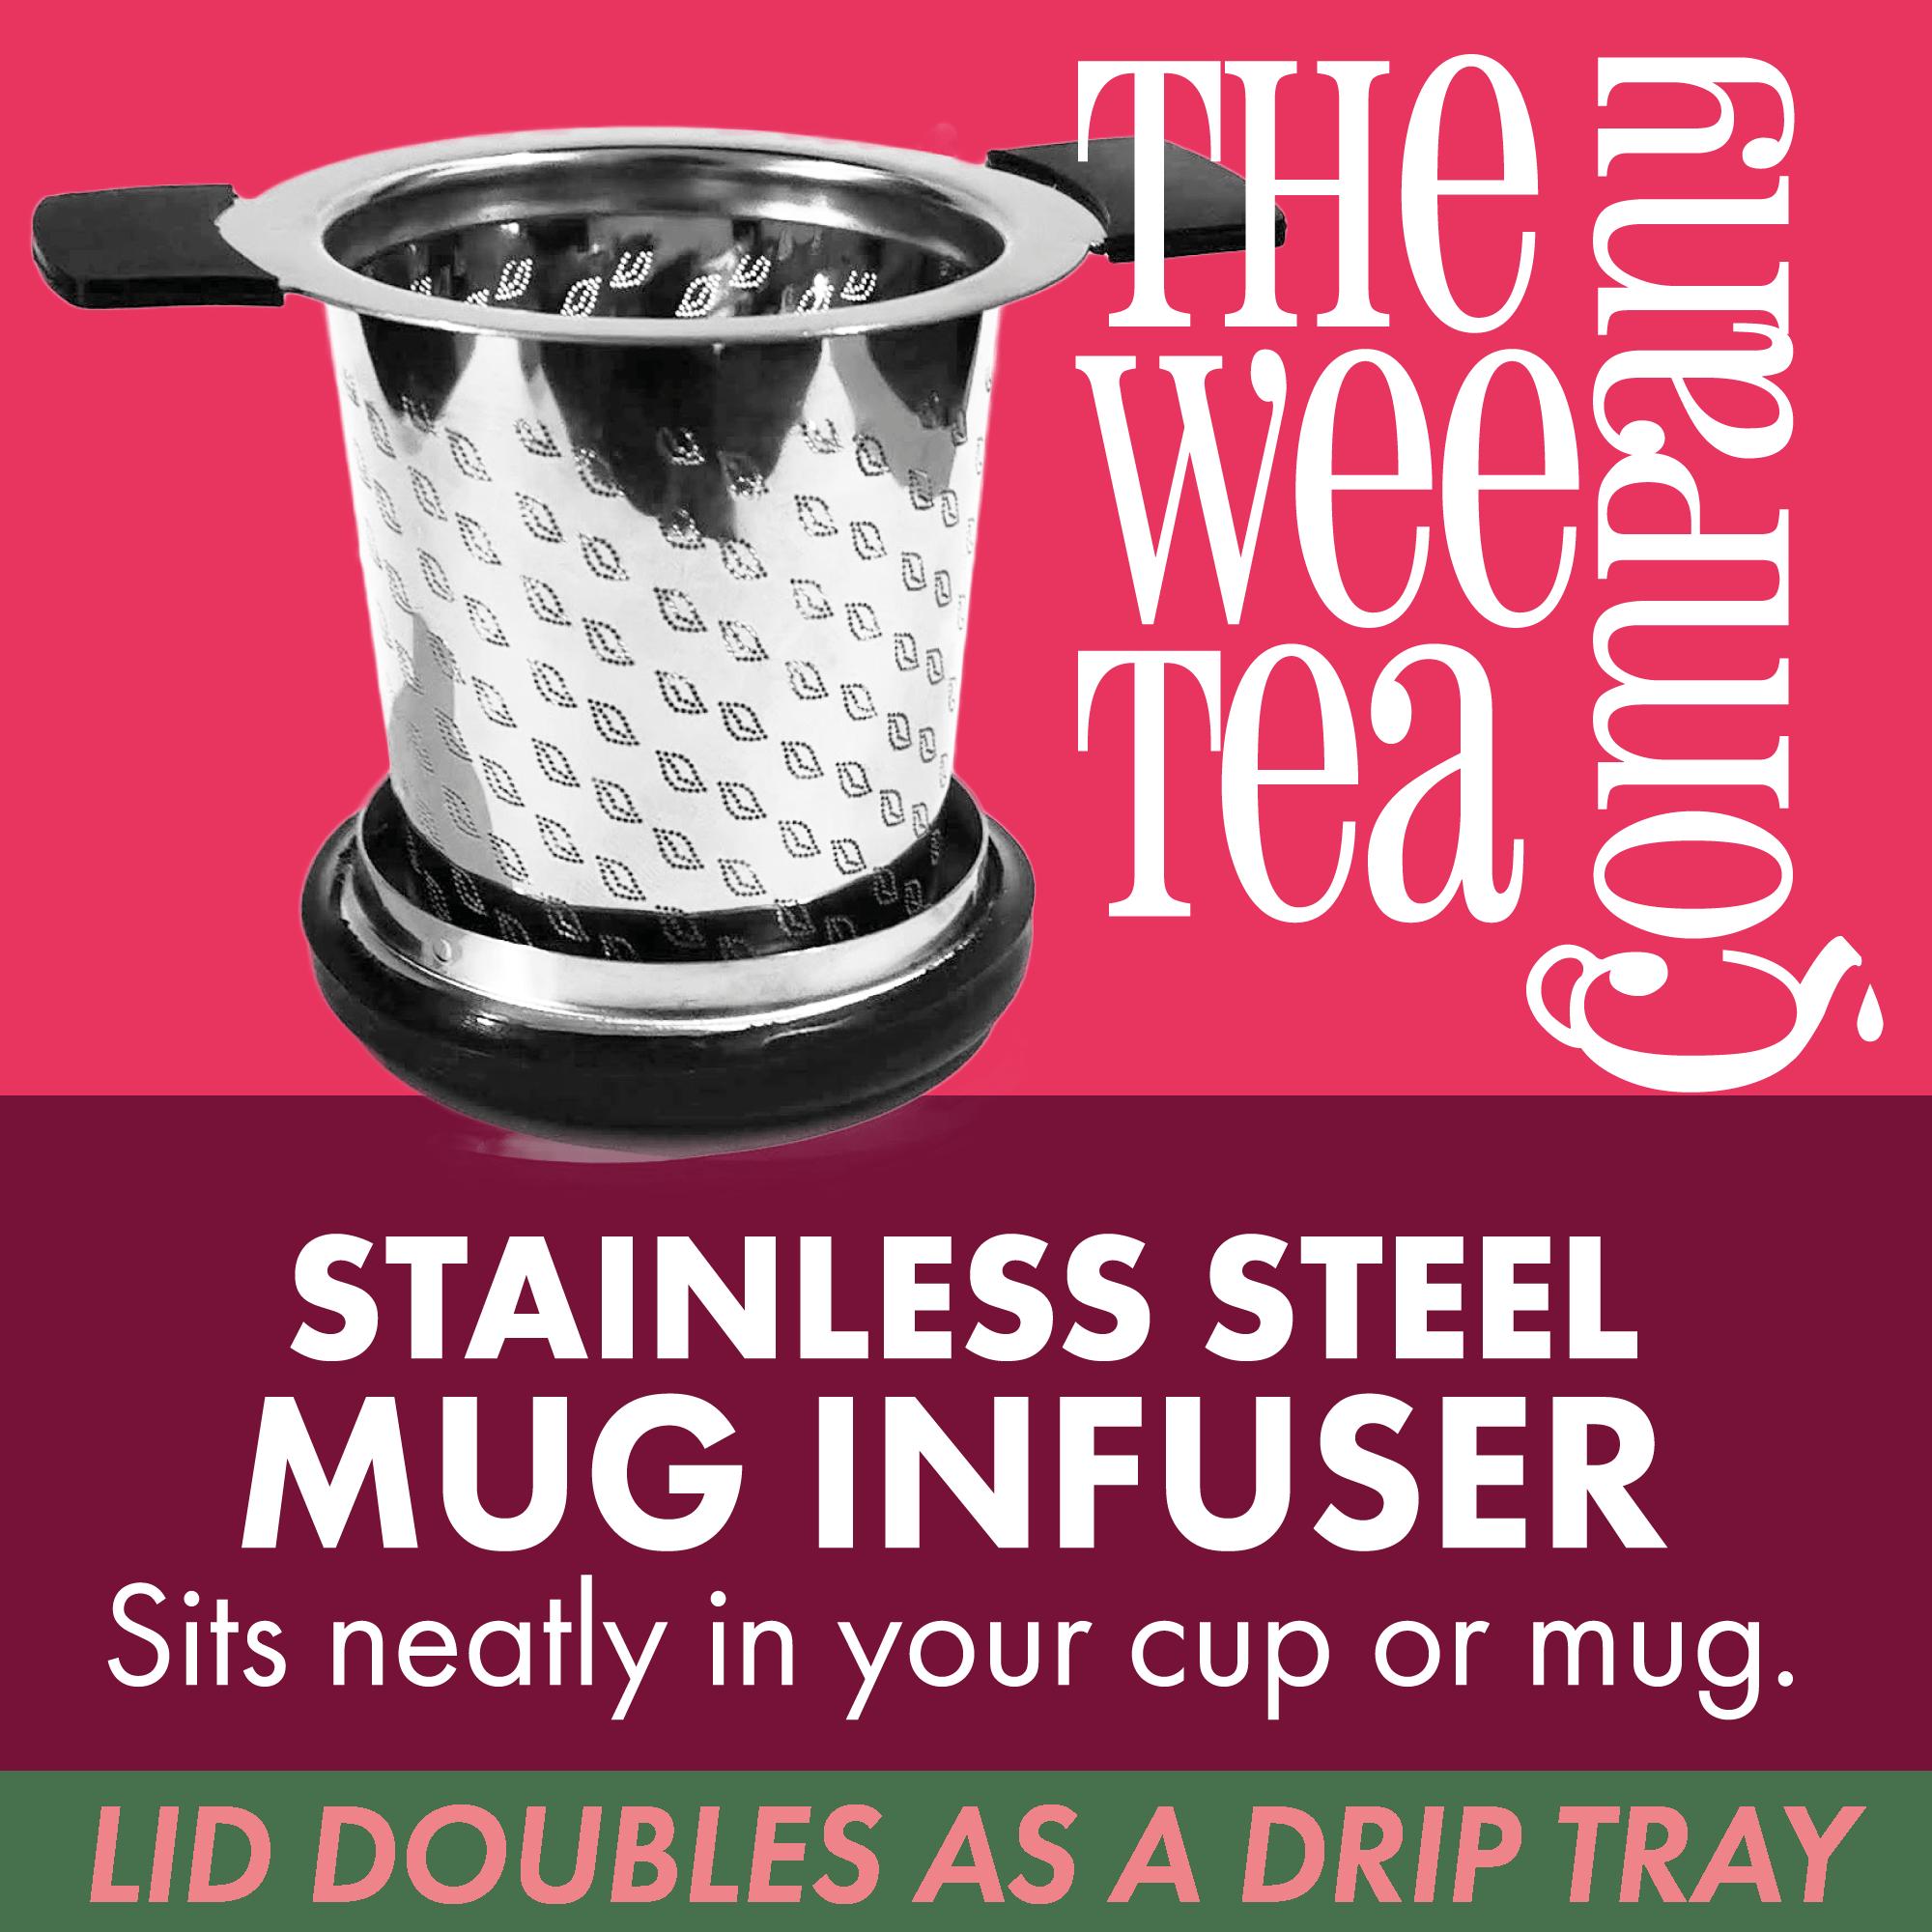 Stainless Steel Mug Infuser for Tea